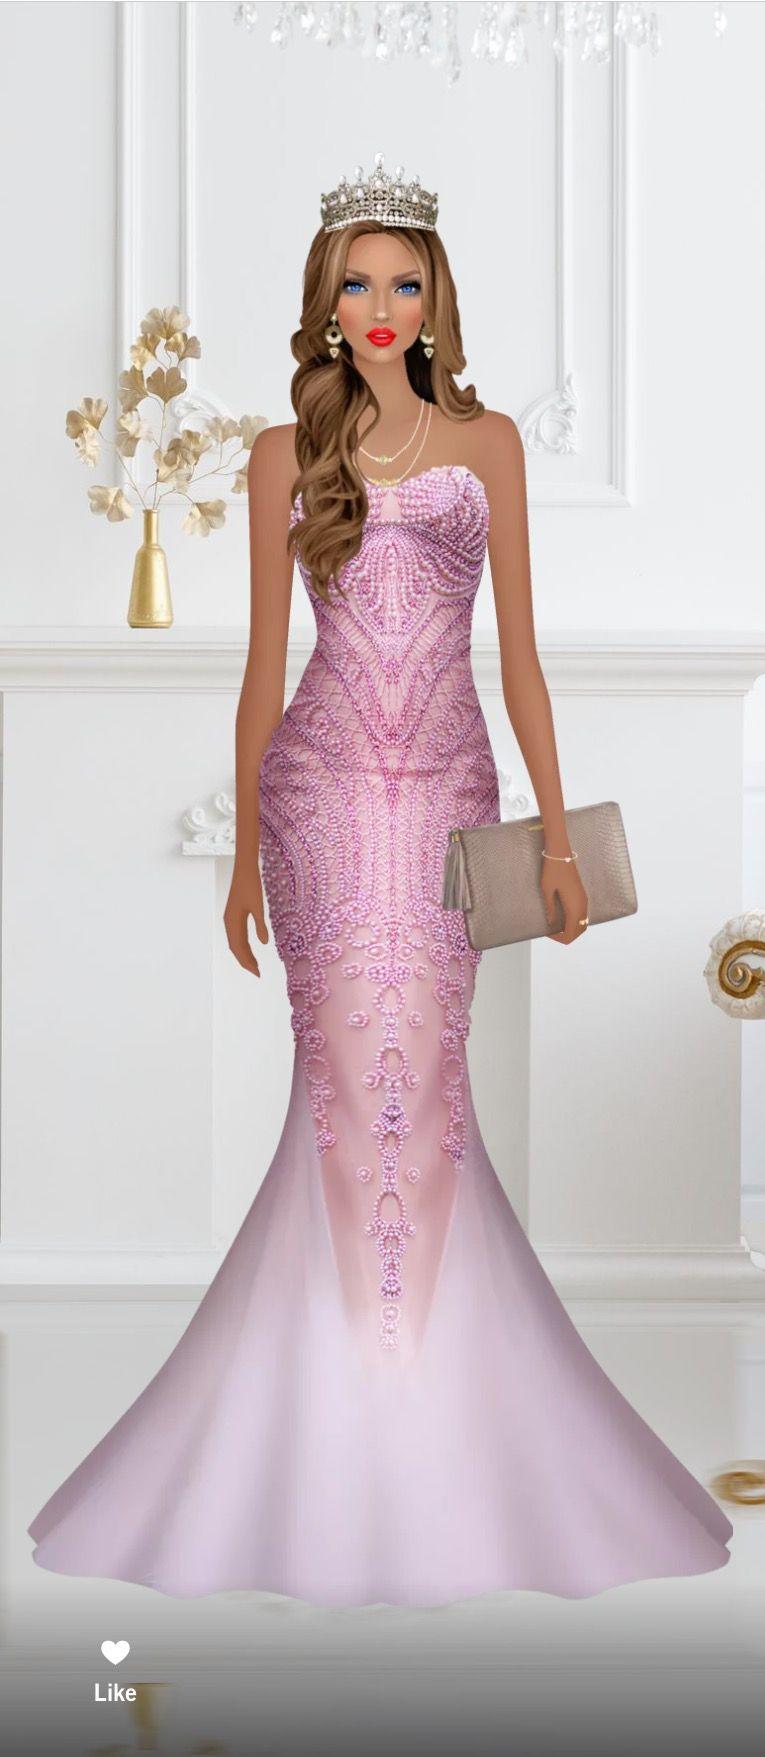 Pin de Milagros Rodriguez en modelos y ropas | Pinterest | Dibujo de ...